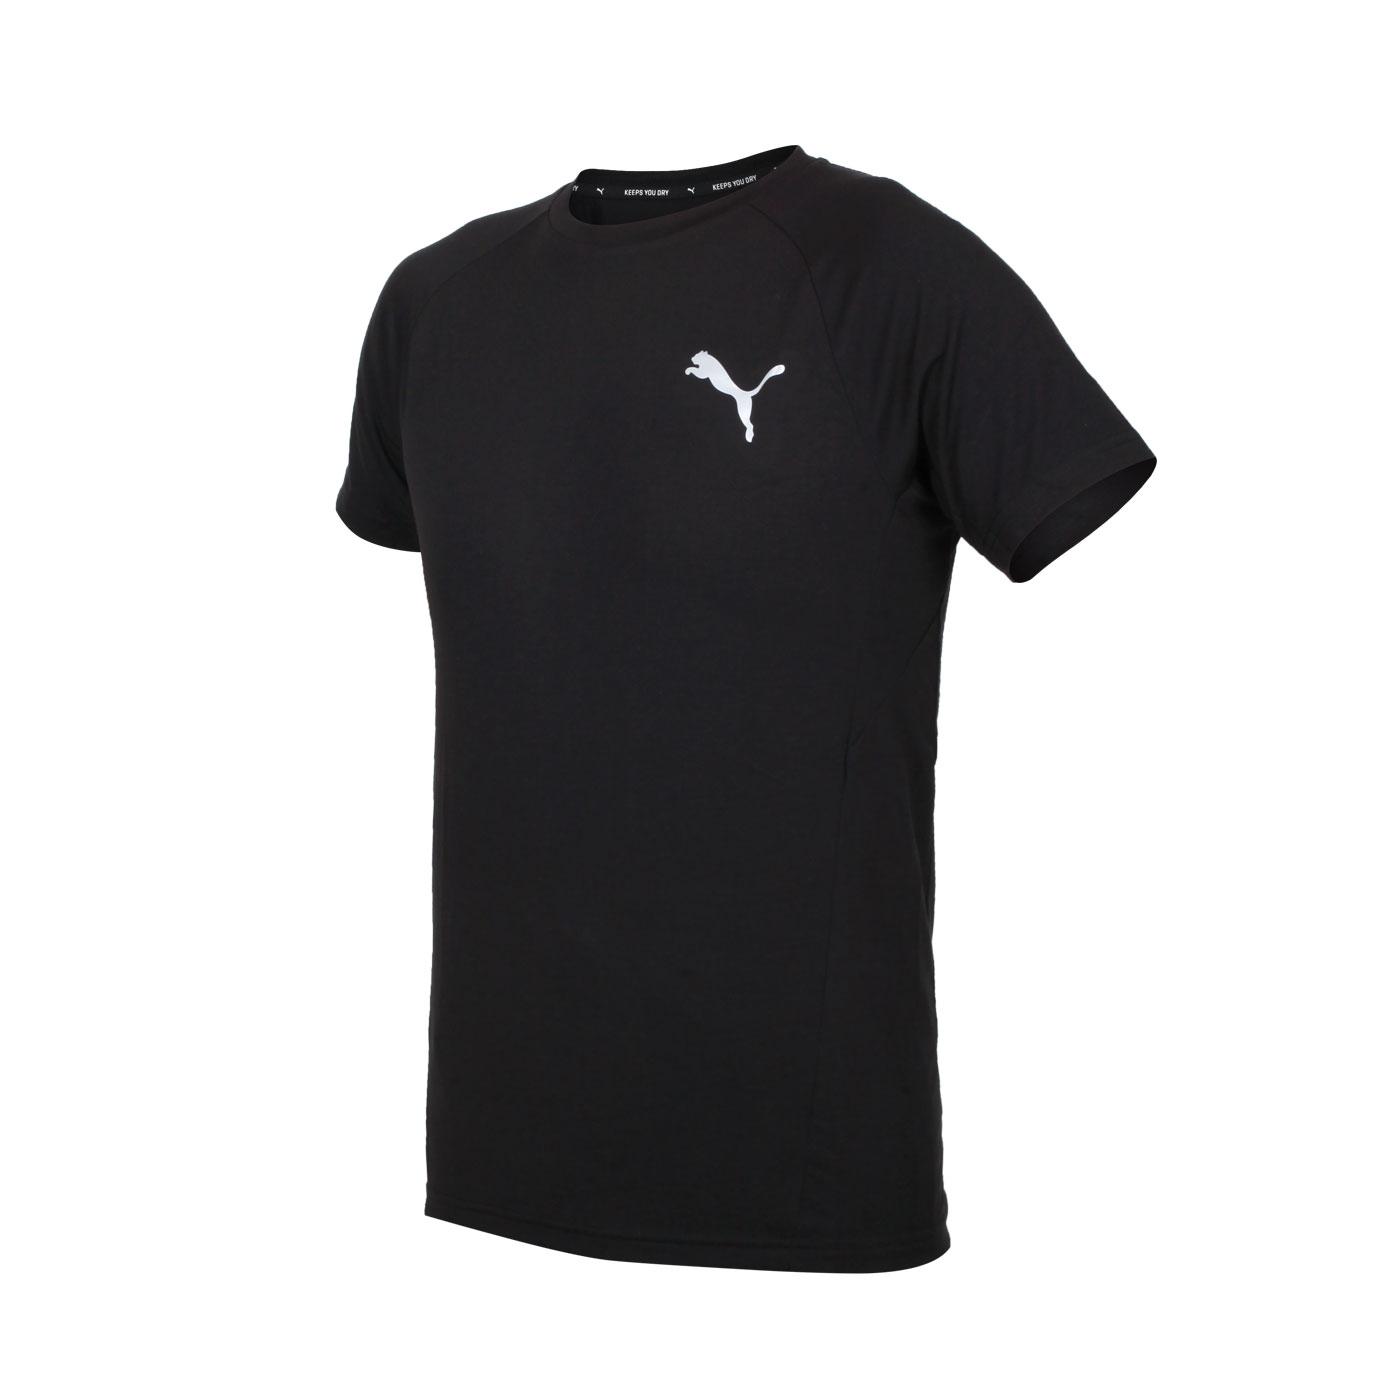 PUMA 男款短袖T恤 58941701